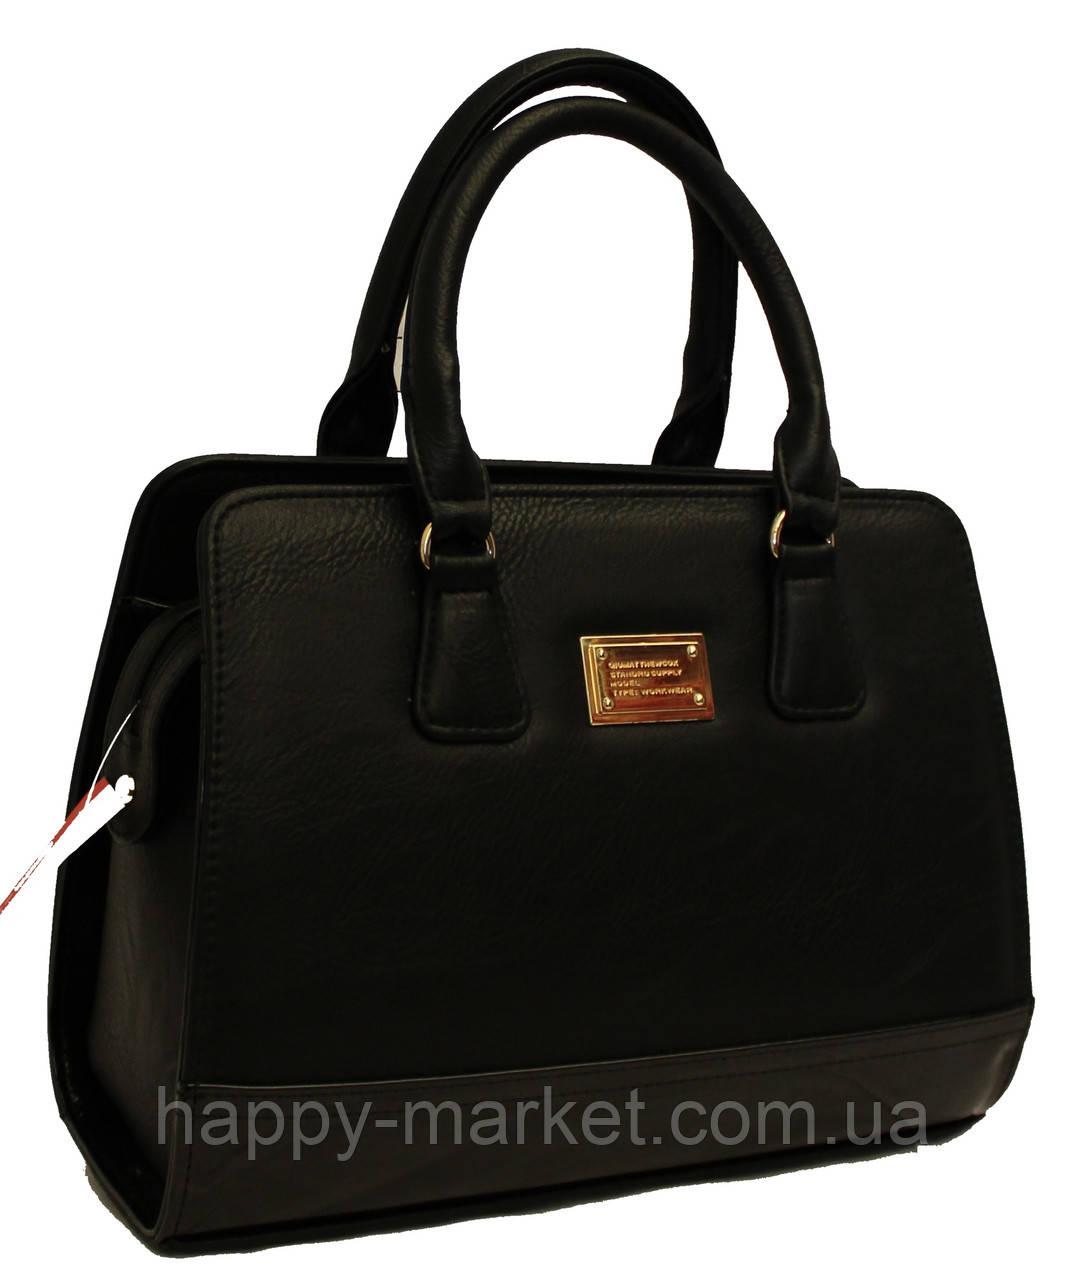 Сумка женская классическая каркасная Fashion 553001-10